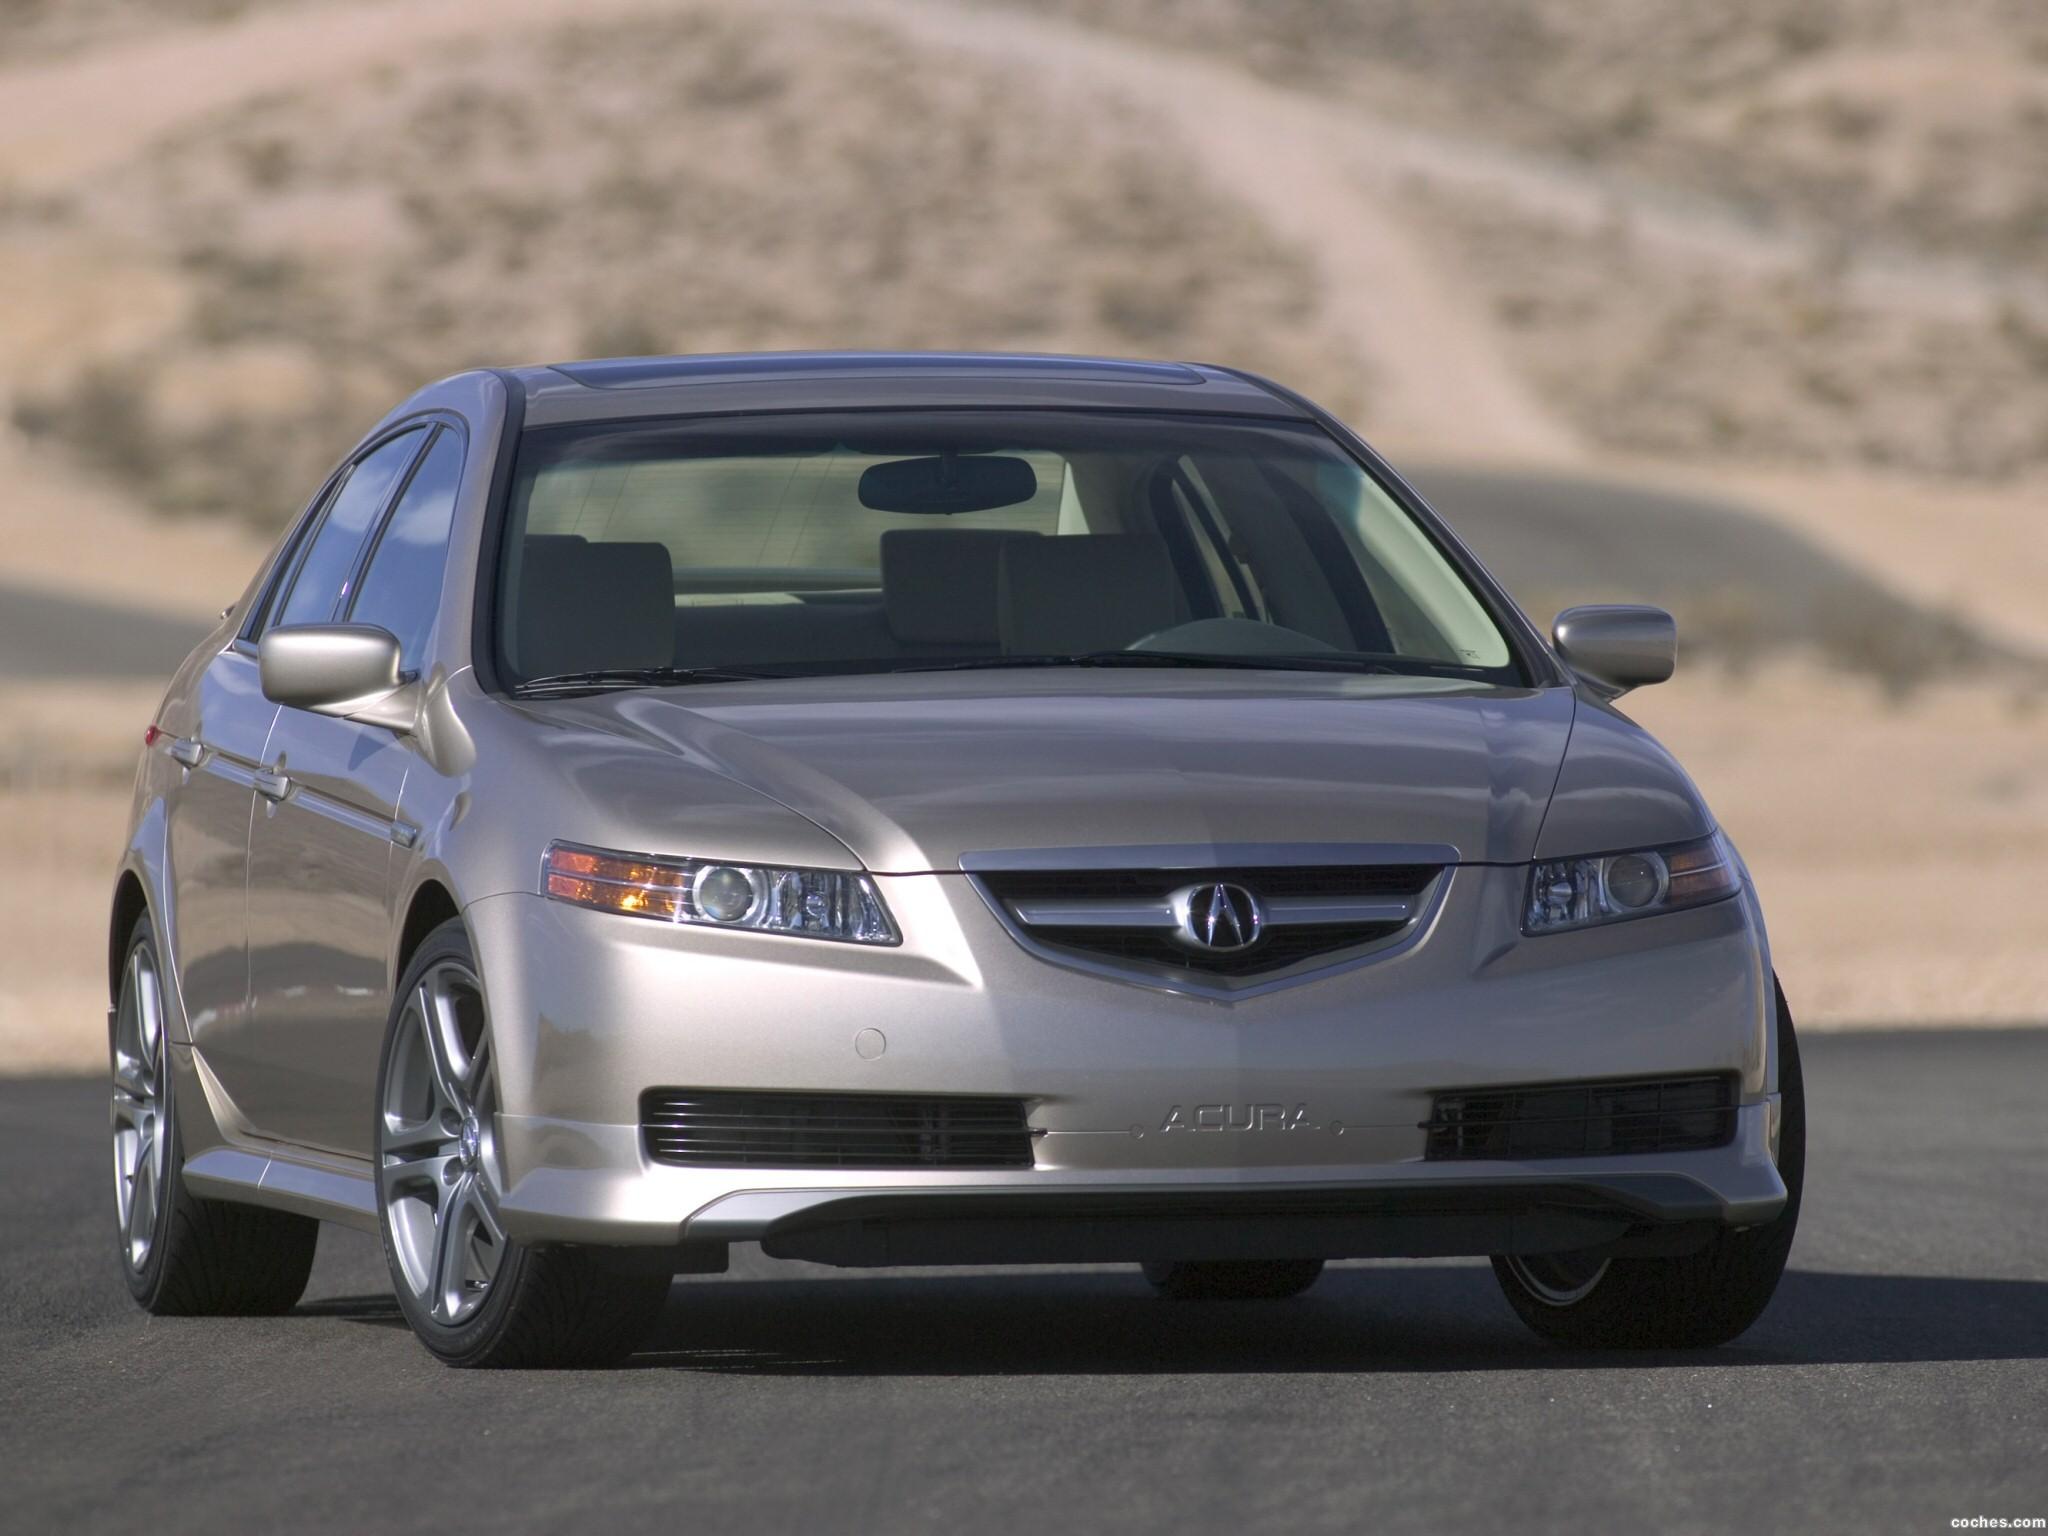 Foto 0 de Acura TL A-Spec 2004